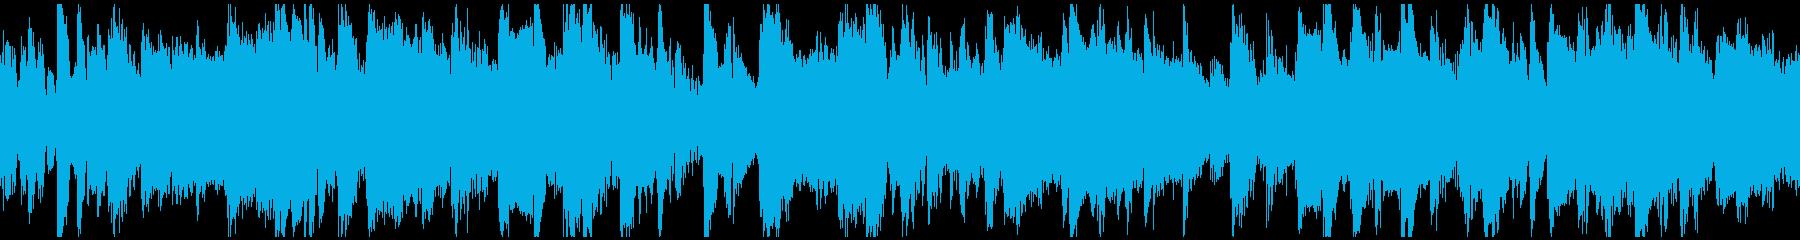 簡単でさわやかで楽しい小さなジャズ...の再生済みの波形